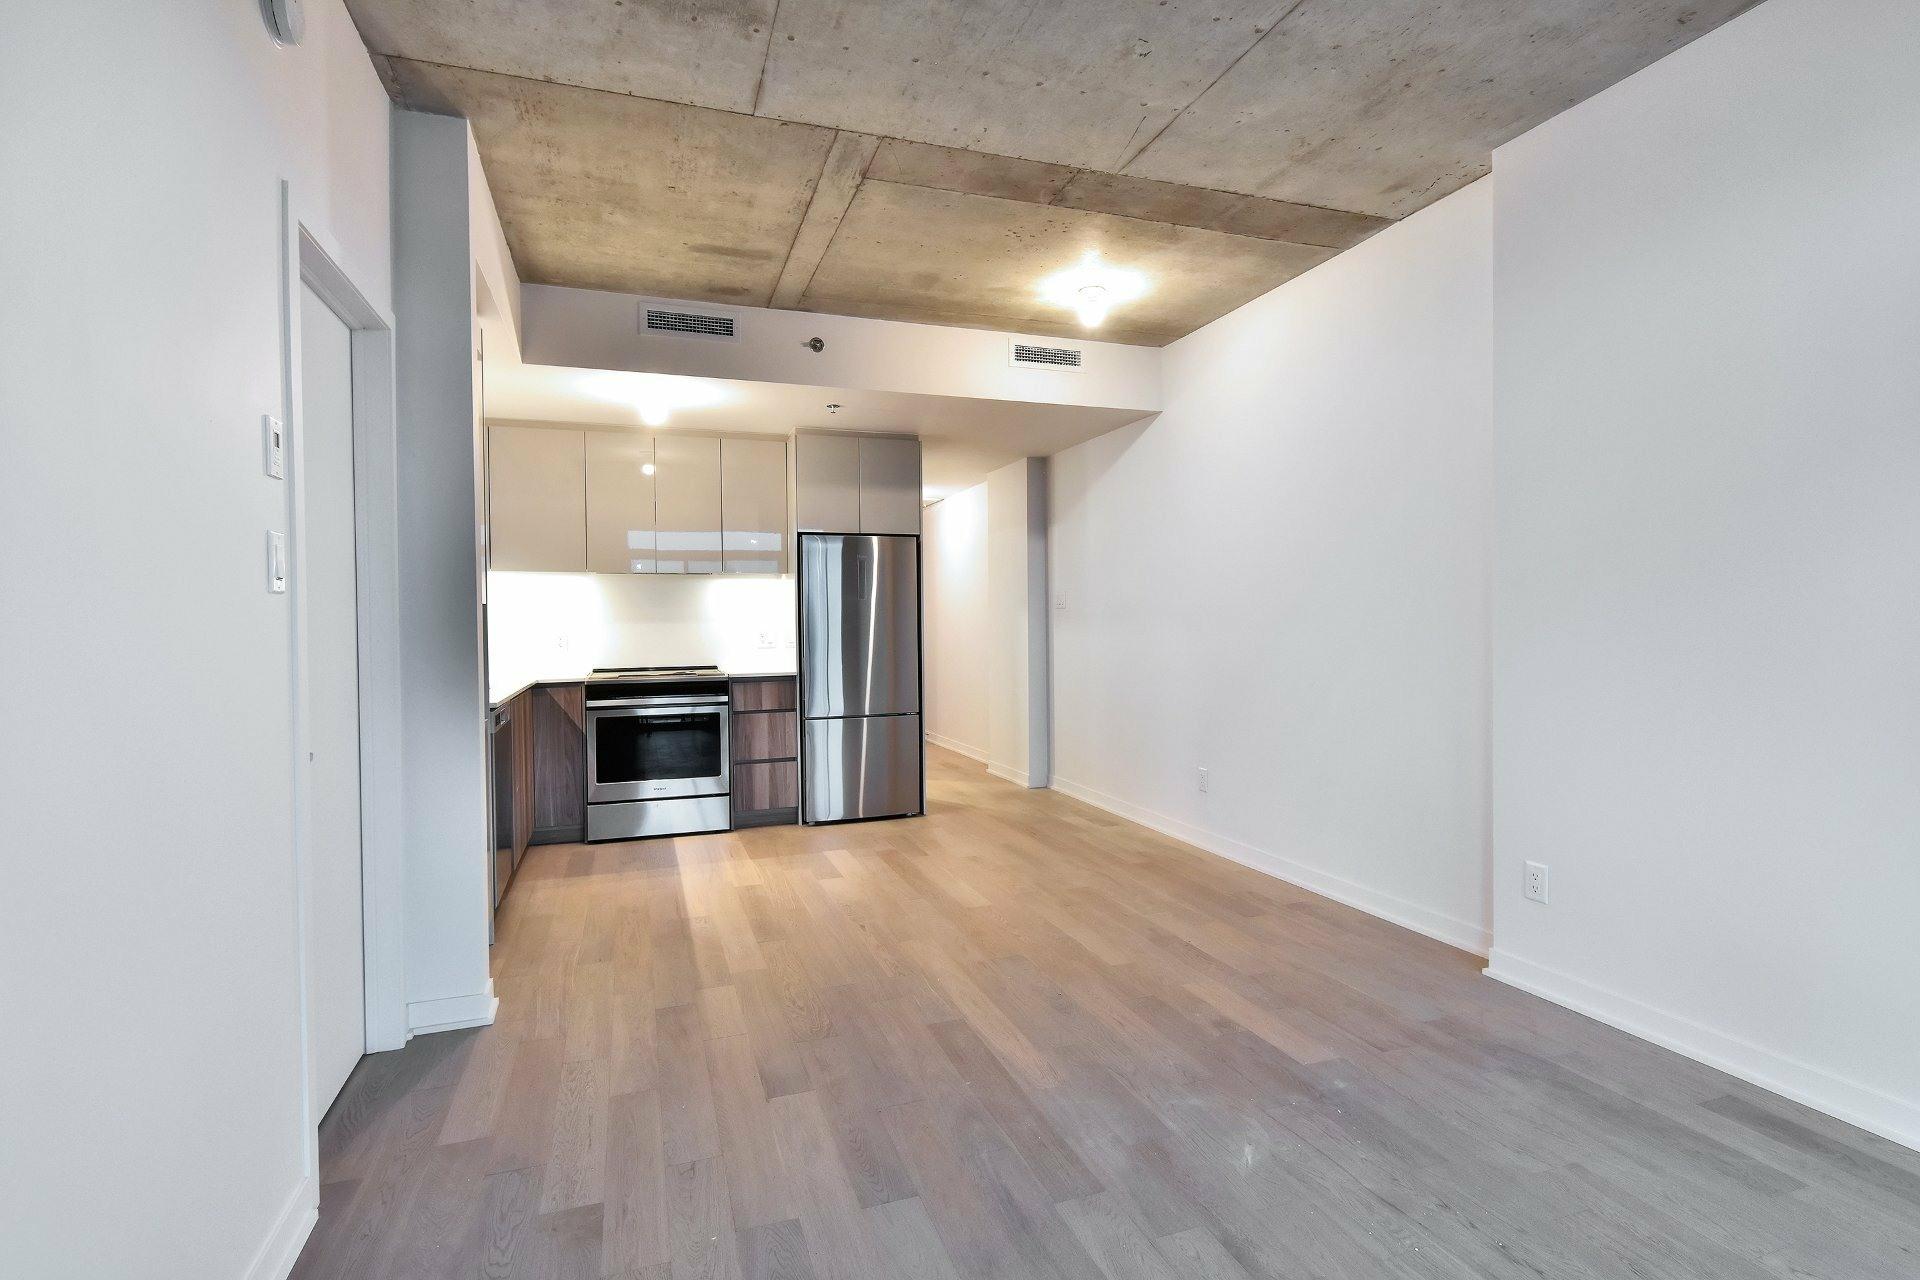 image 5 - Appartement À louer Brossard - 4 pièces